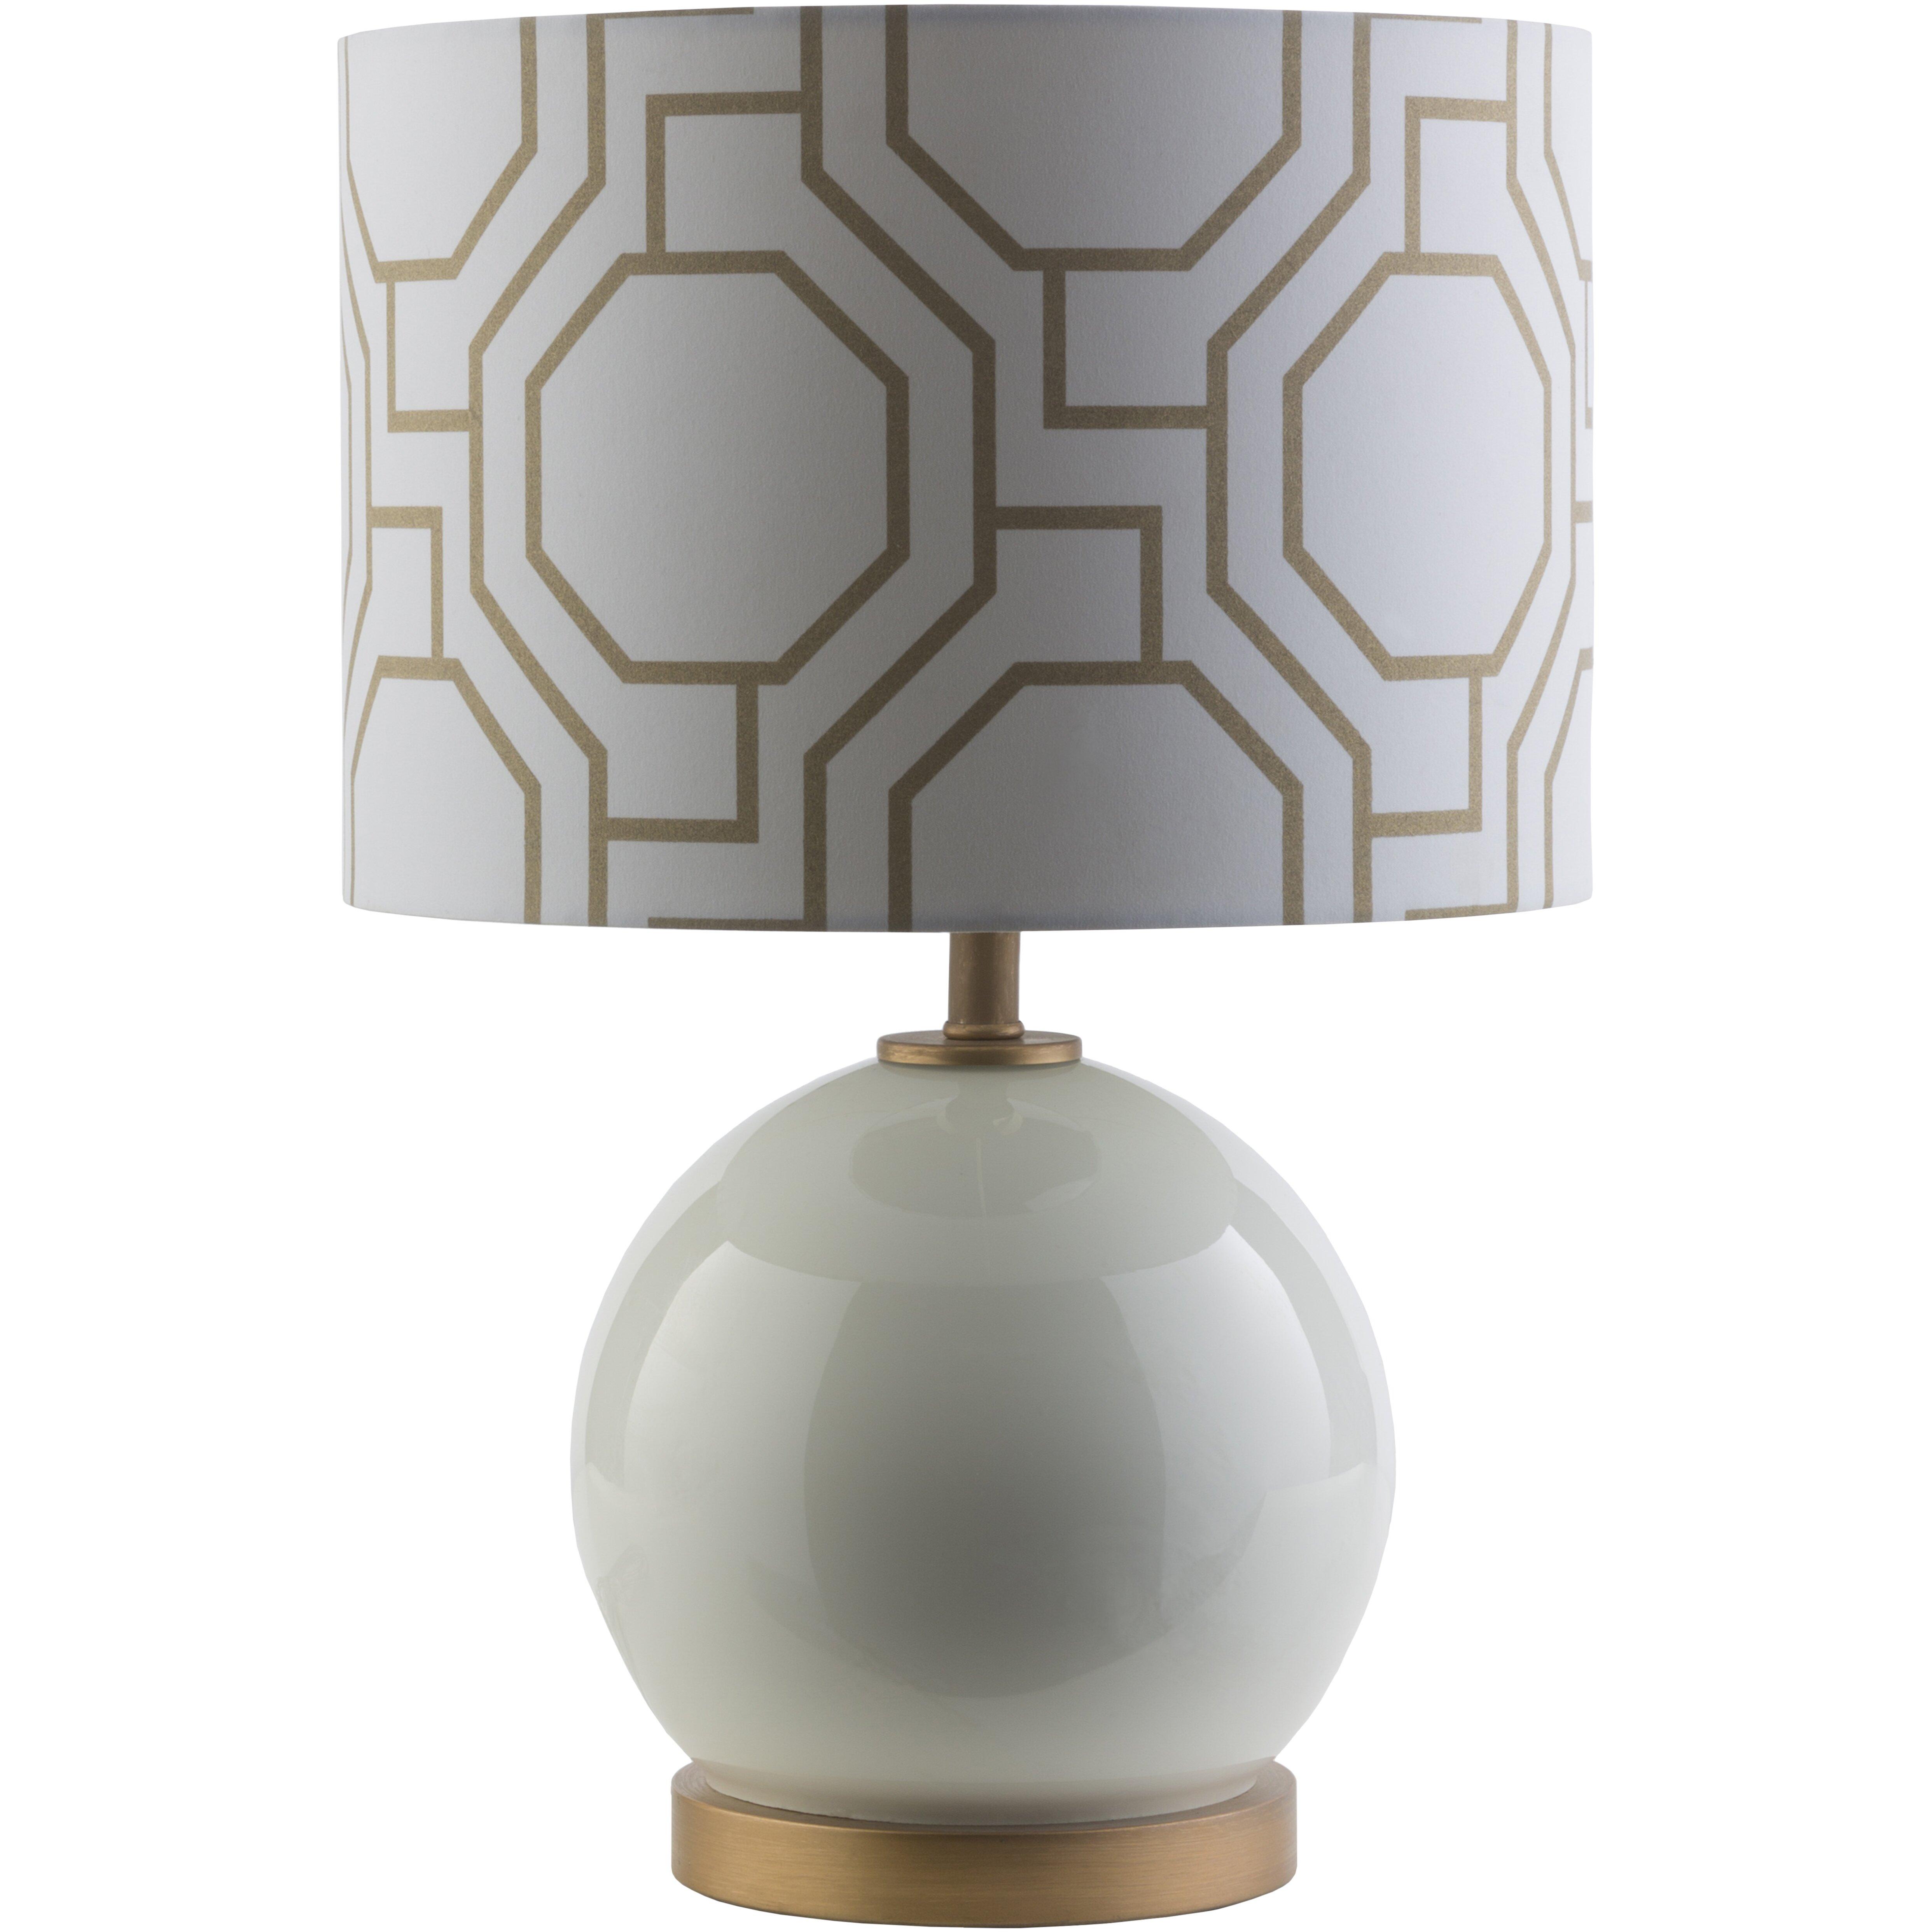 lighting lamps table lamps mercer41 sku mrcr4007. Black Bedroom Furniture Sets. Home Design Ideas